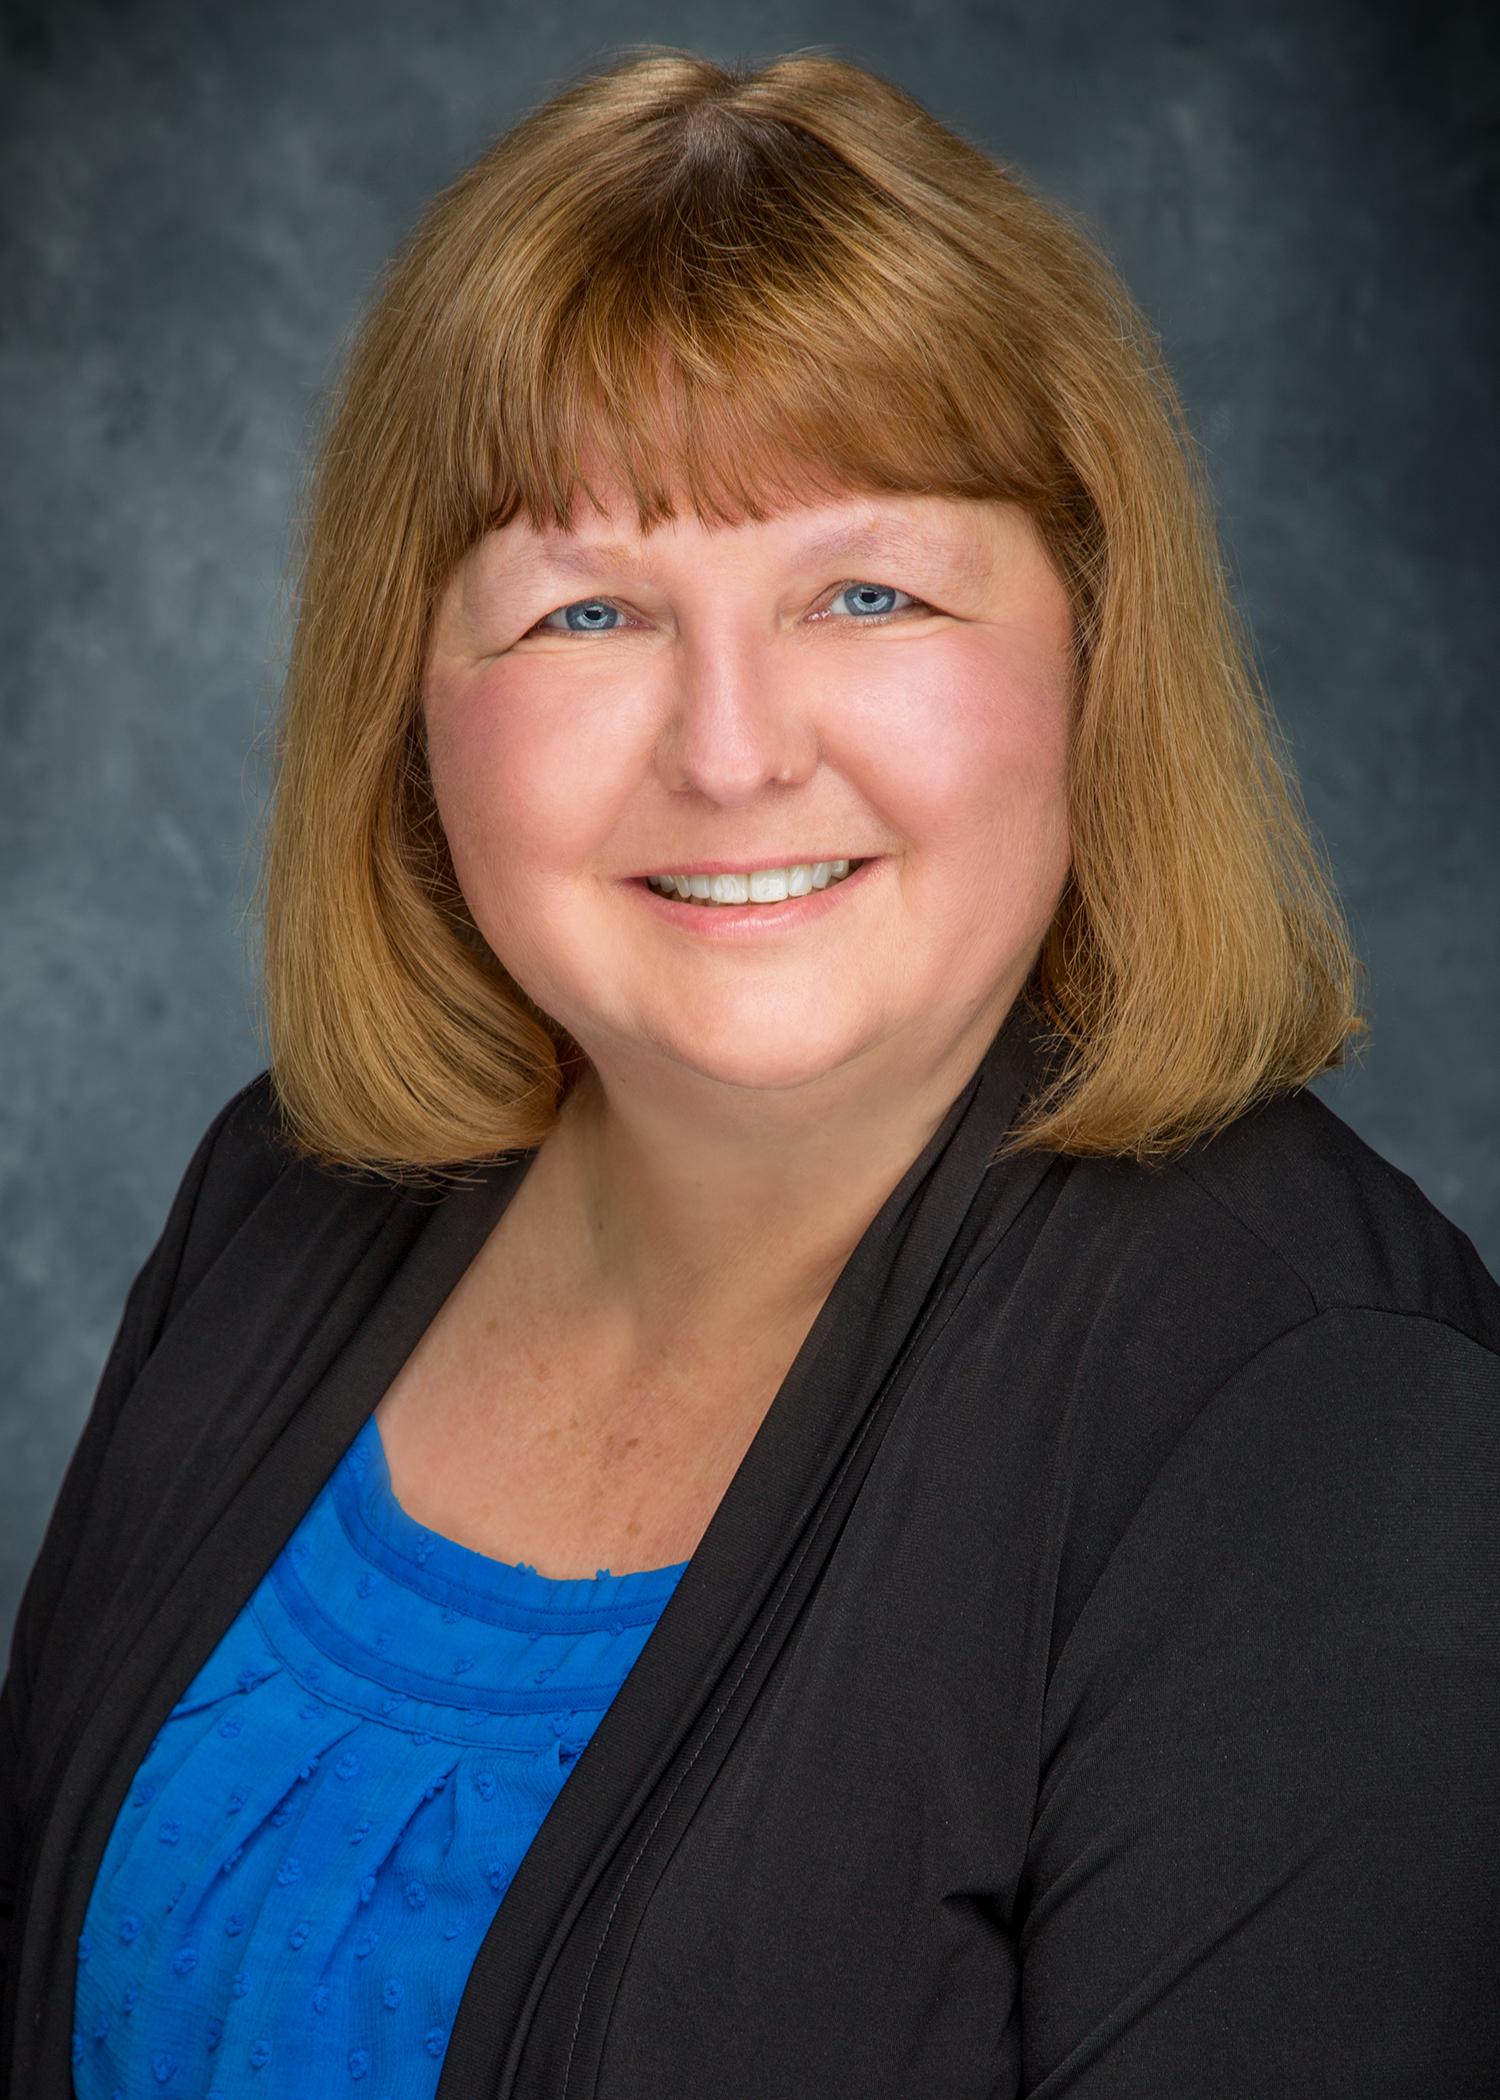 Jo Ann Snyder, RN